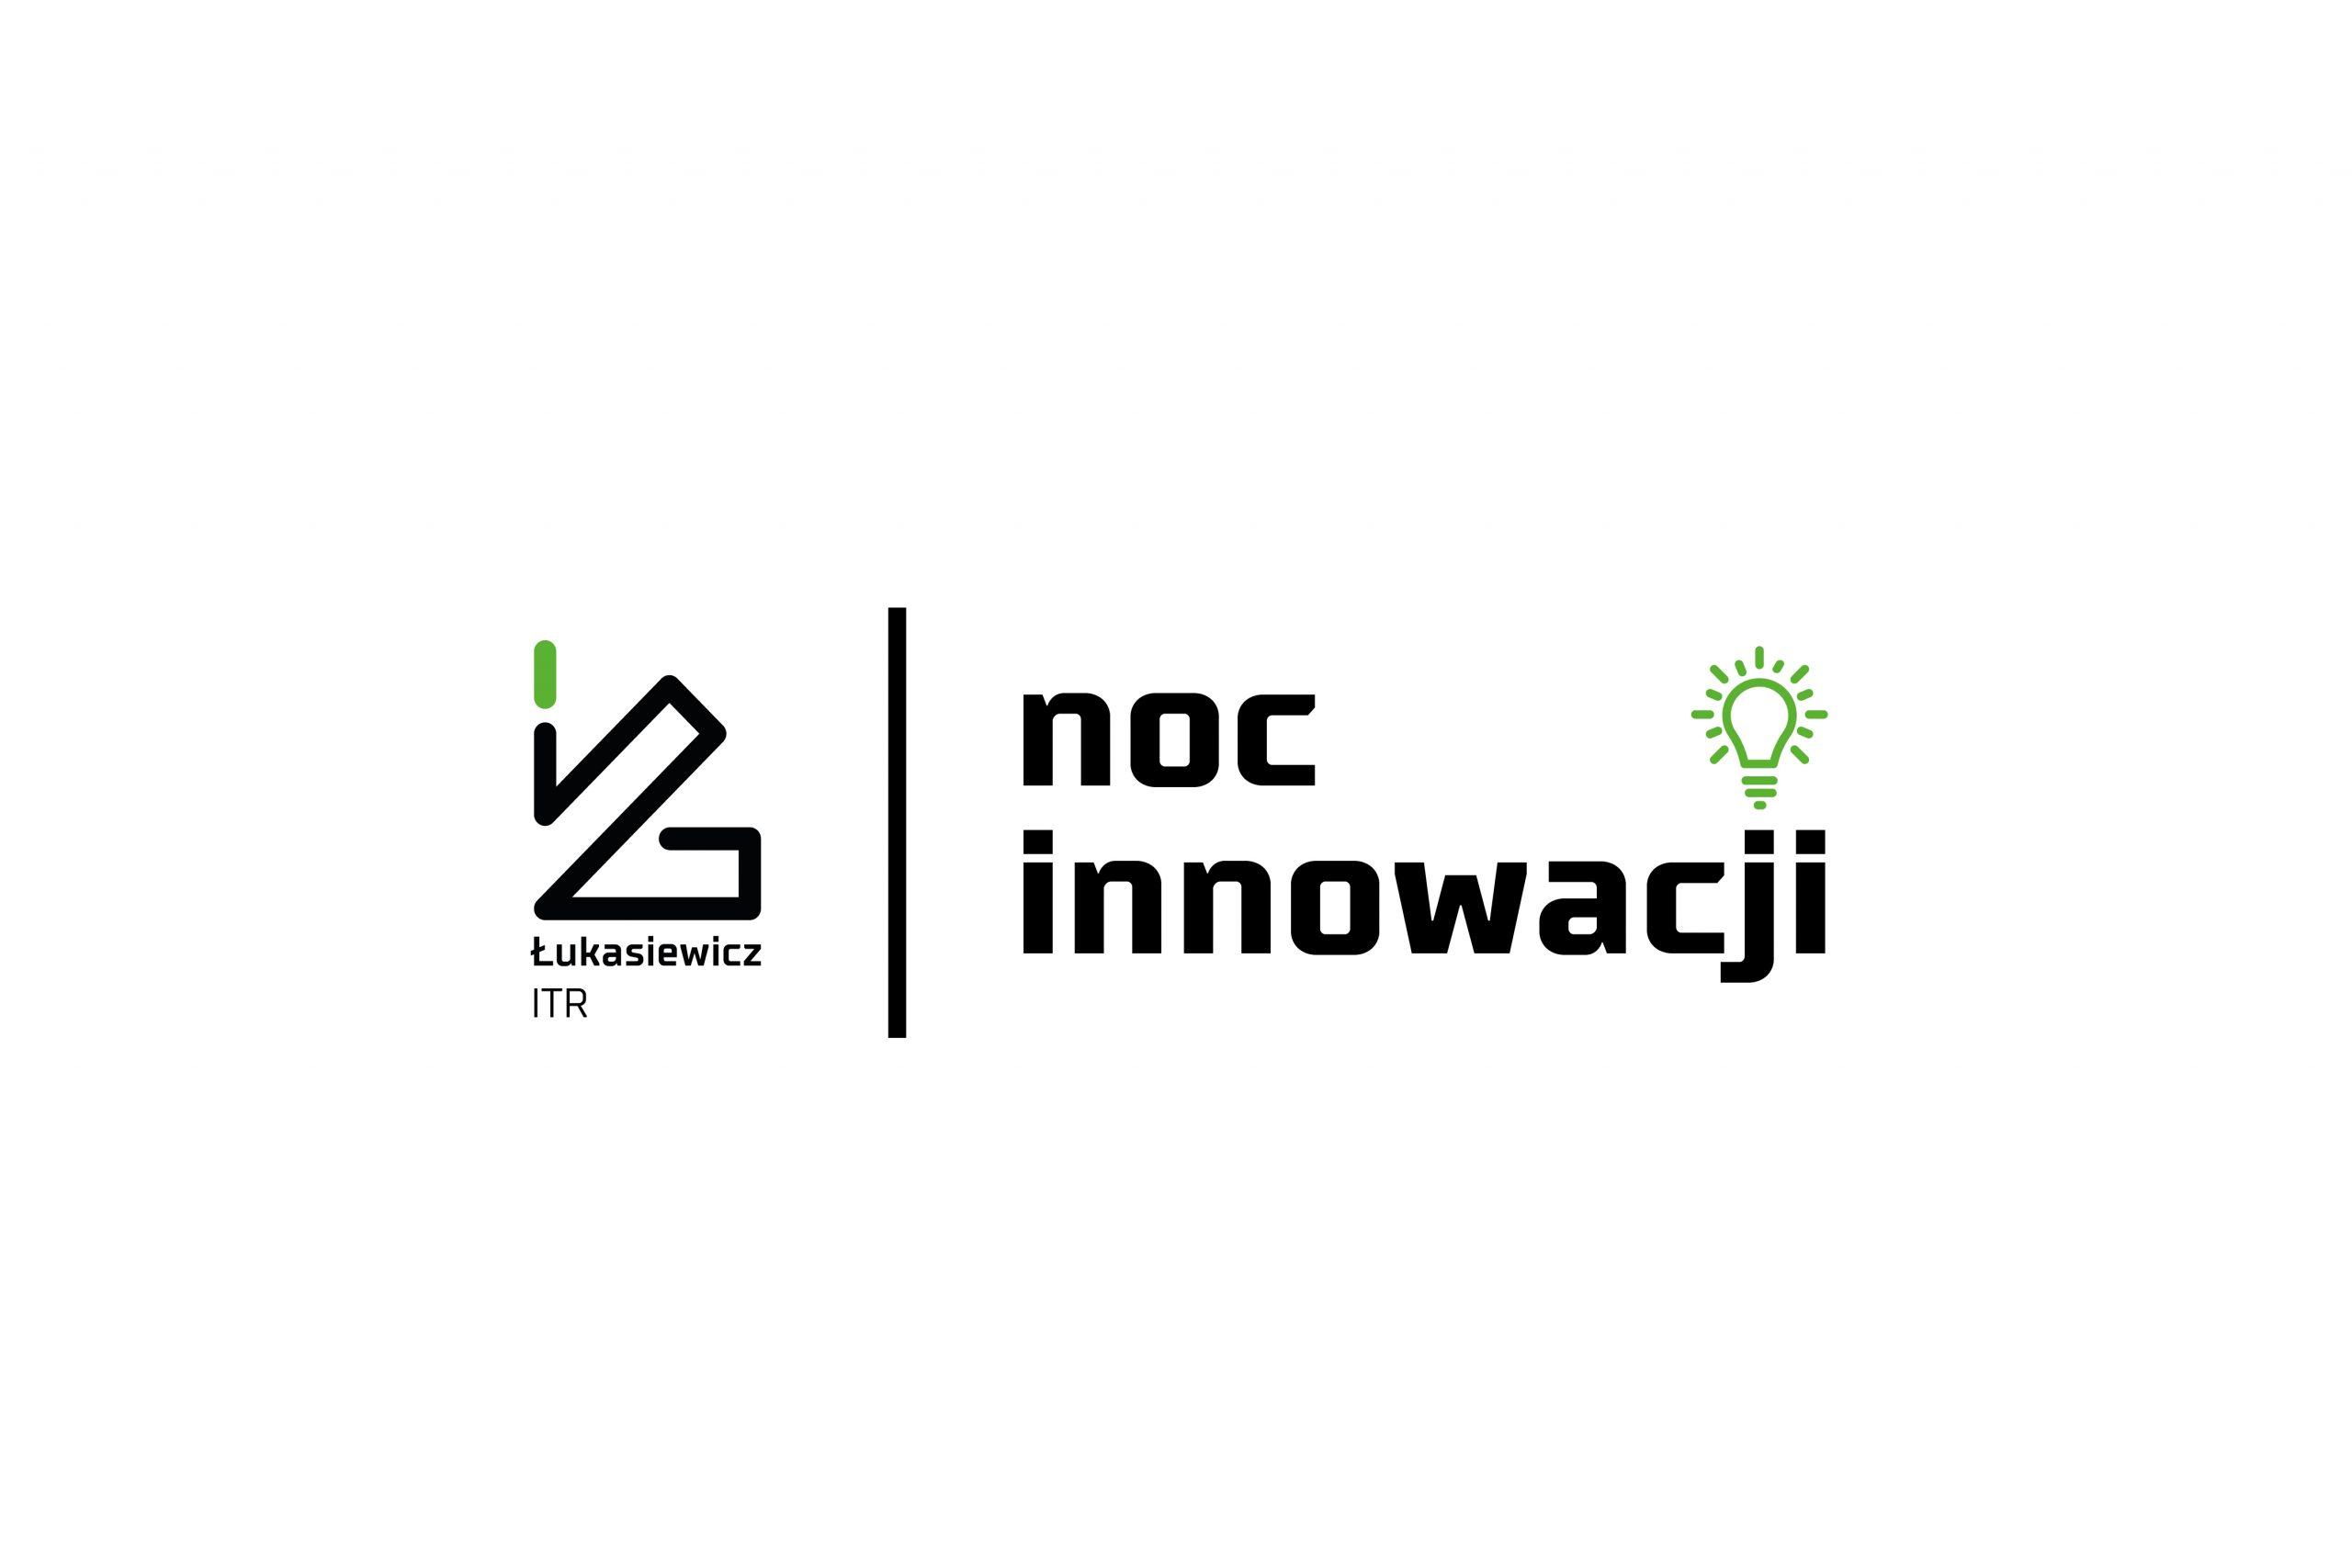 Noc Innowacji w Łukasiewicz – Instytut Tele- i Radiotechniczny